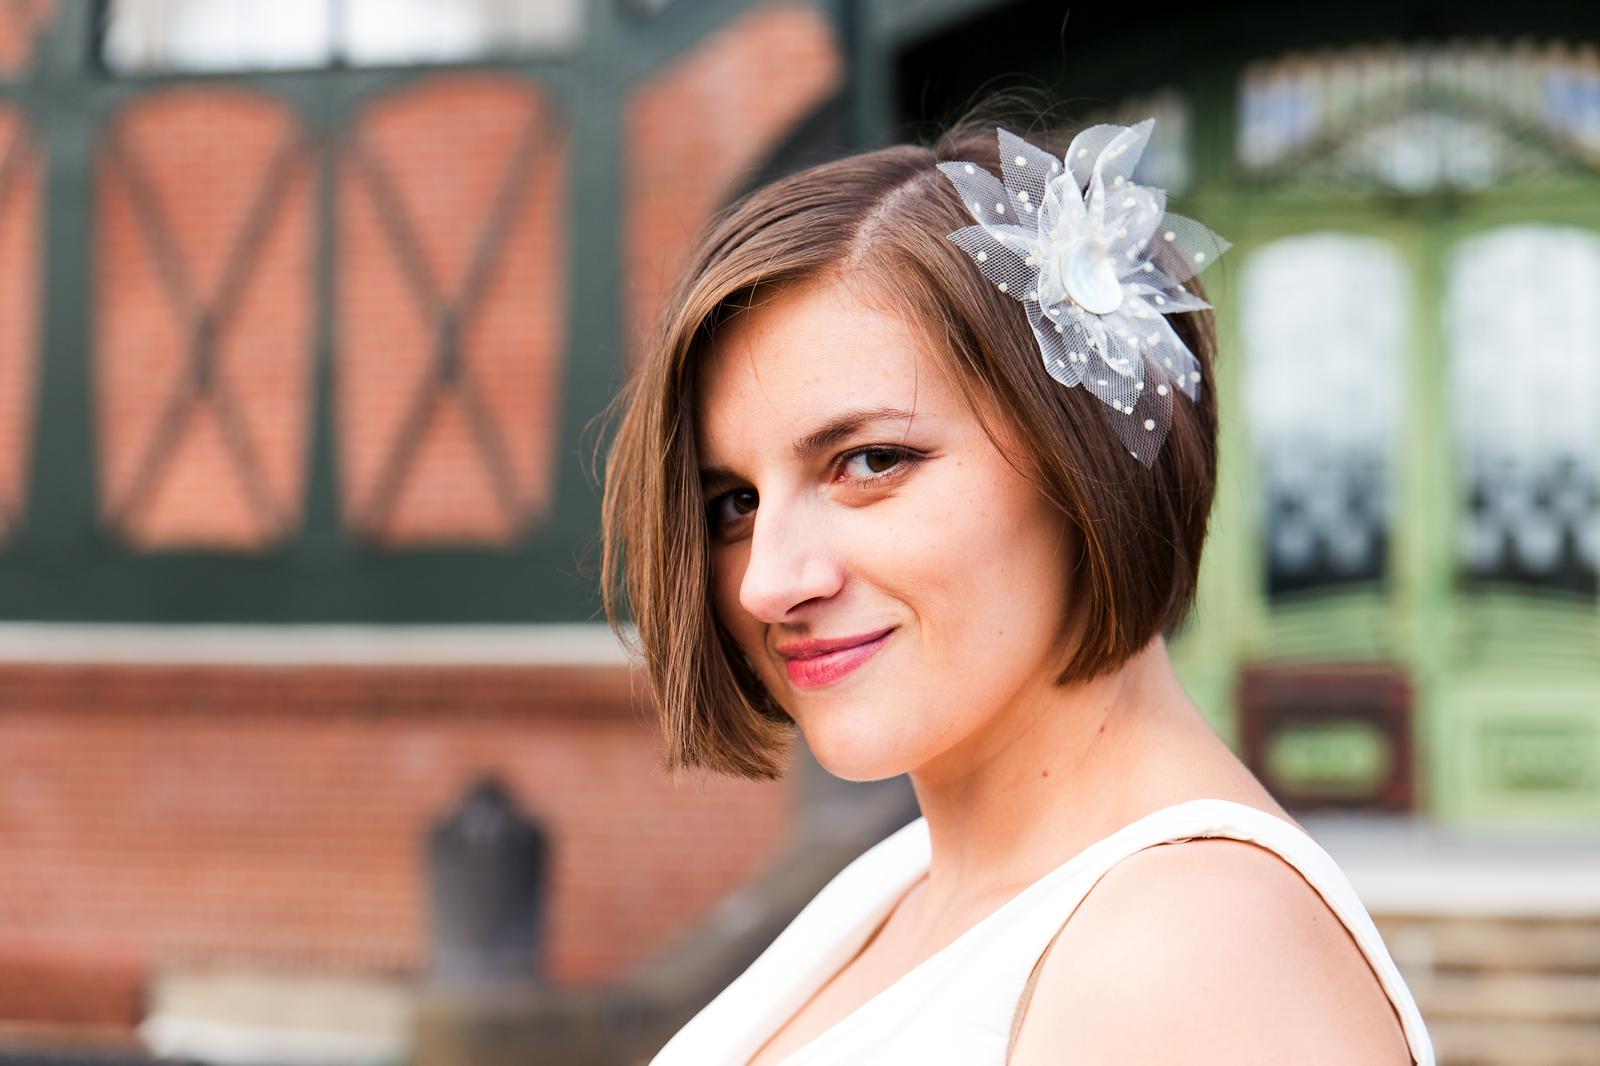 Monstergraphie_Hochzeitsreportage_Dortmund_Zeche_Zollern22.jpg?fit=1600%2C1066